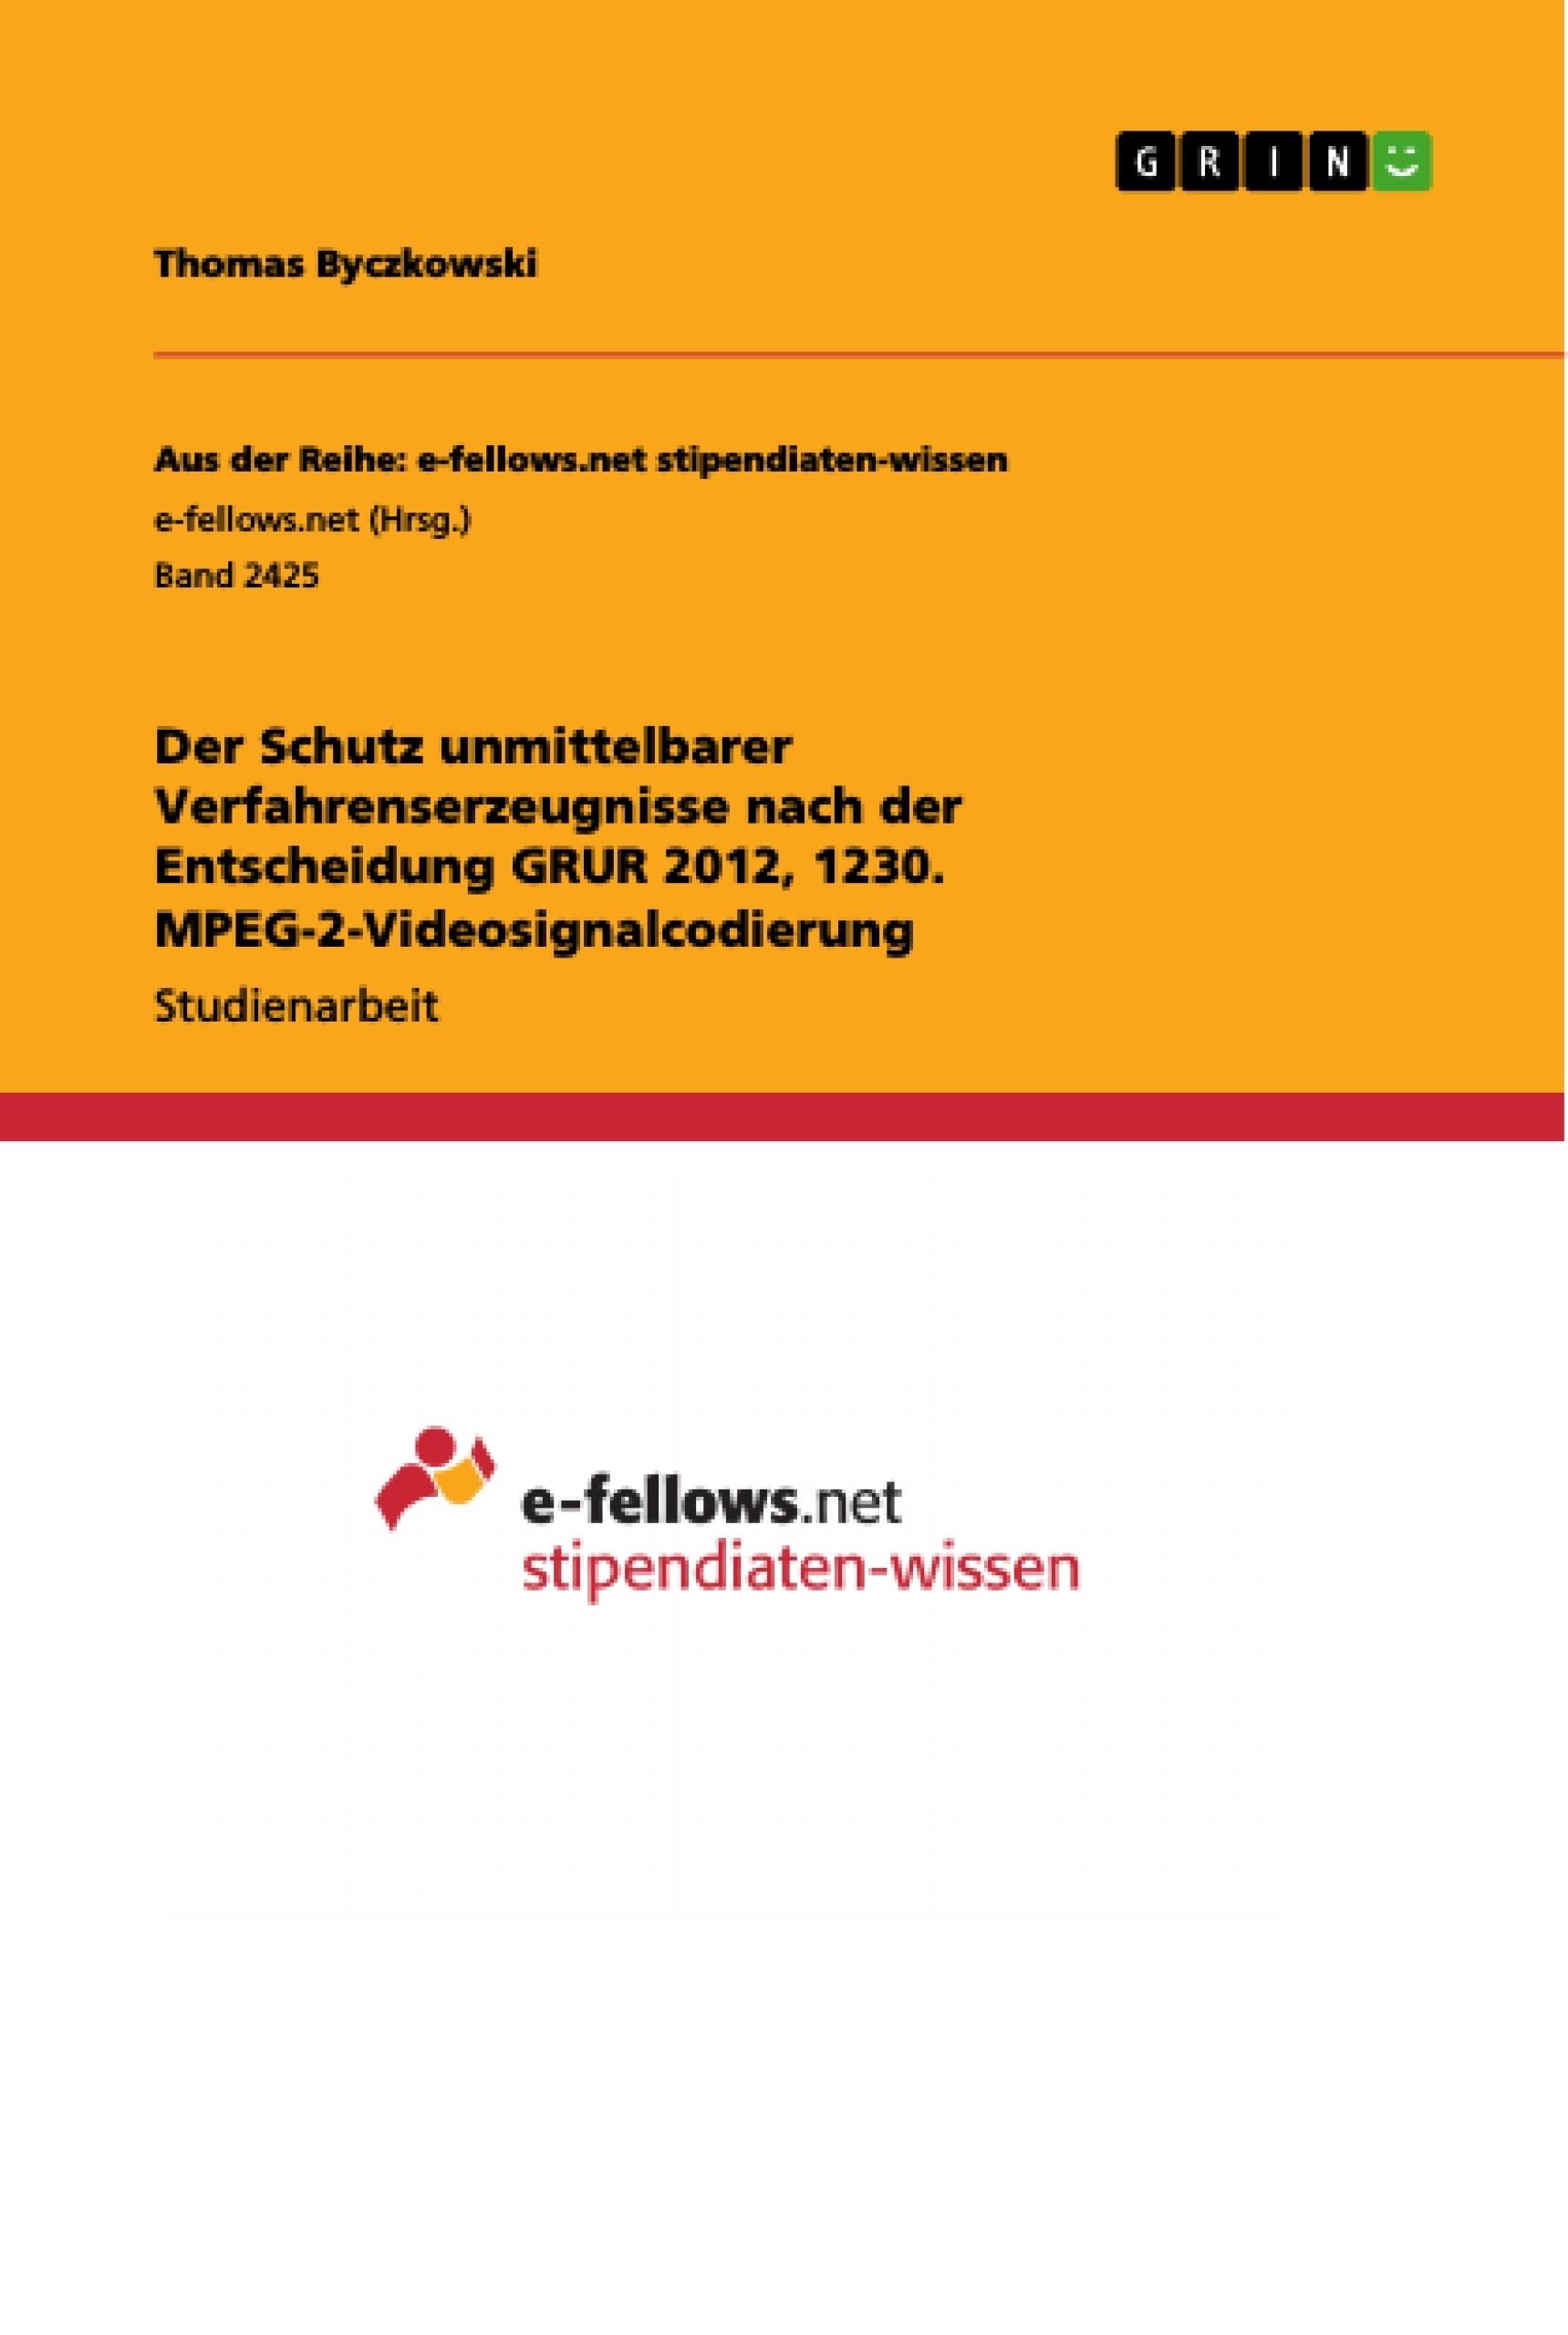 Titel: Der Schutz unmittelbarer Verfahrenserzeugnisse nach der Entscheidung GRUR 2012, 1230. MPEG-2-Videosignalcodierung